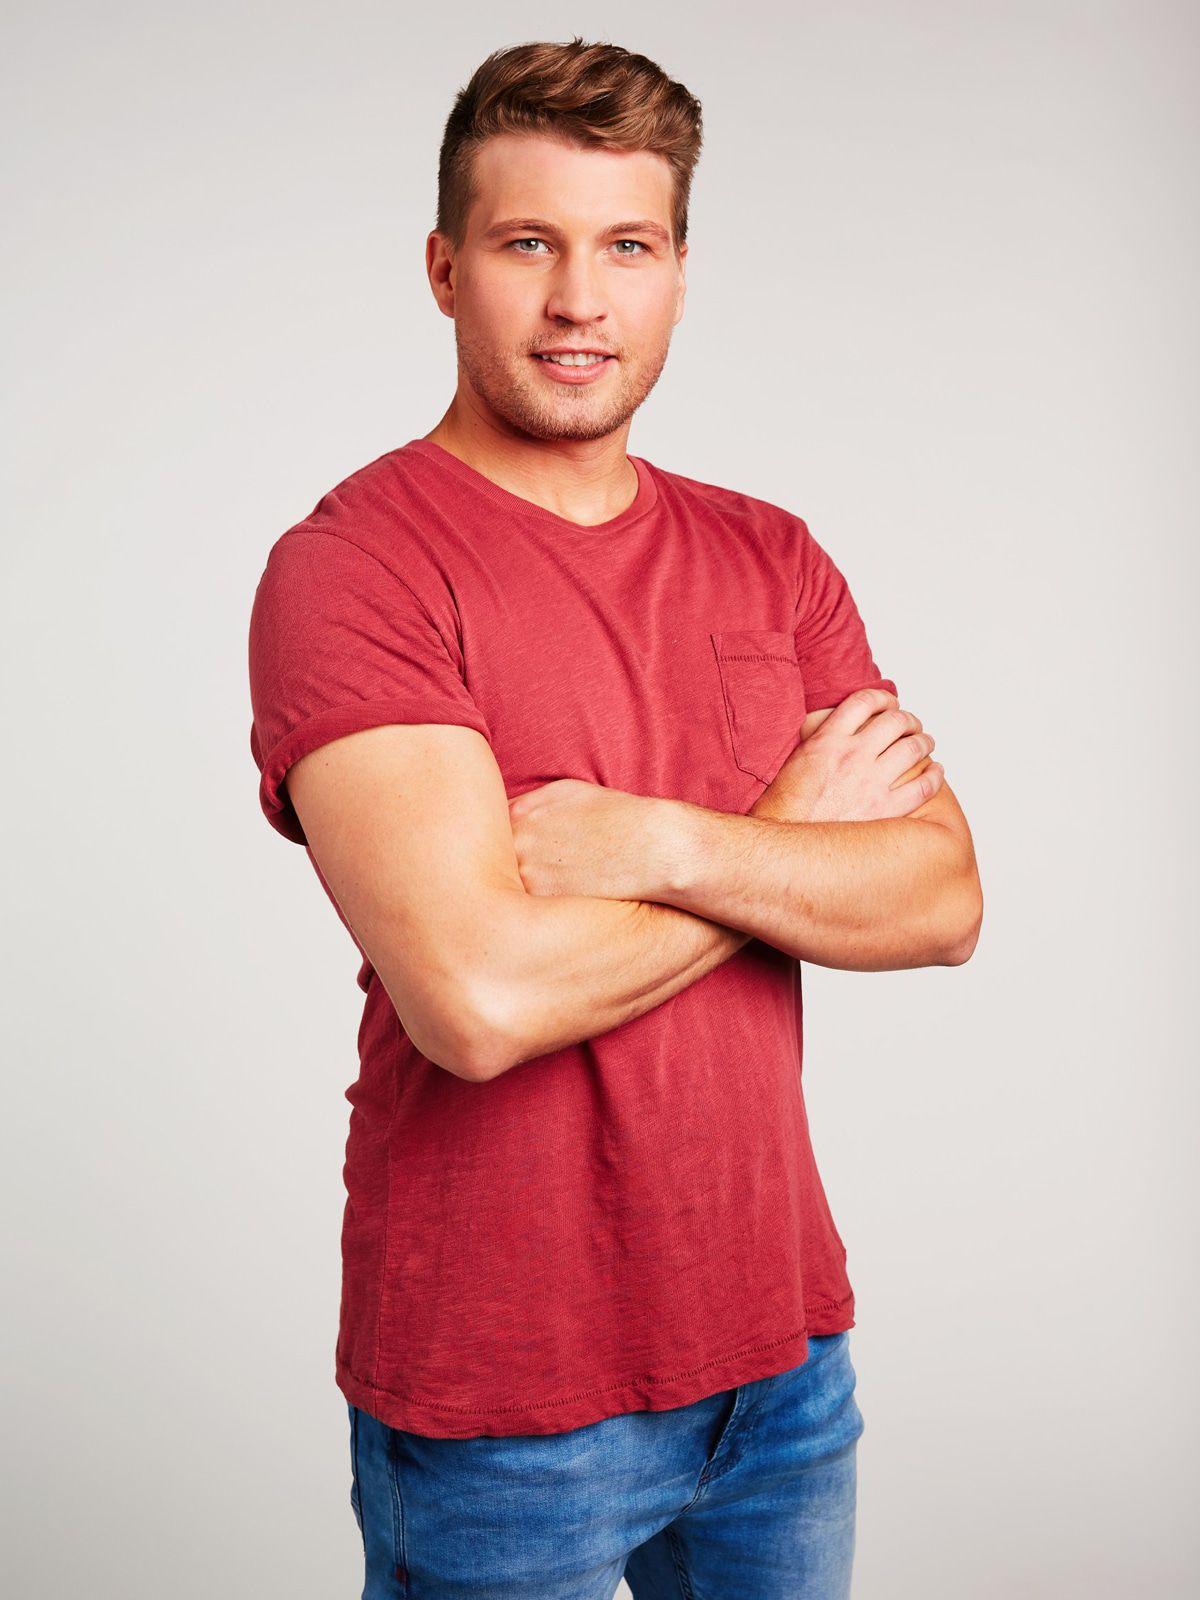 Raul Richter über sein TV-Comeback im RTL-Pritschenlager